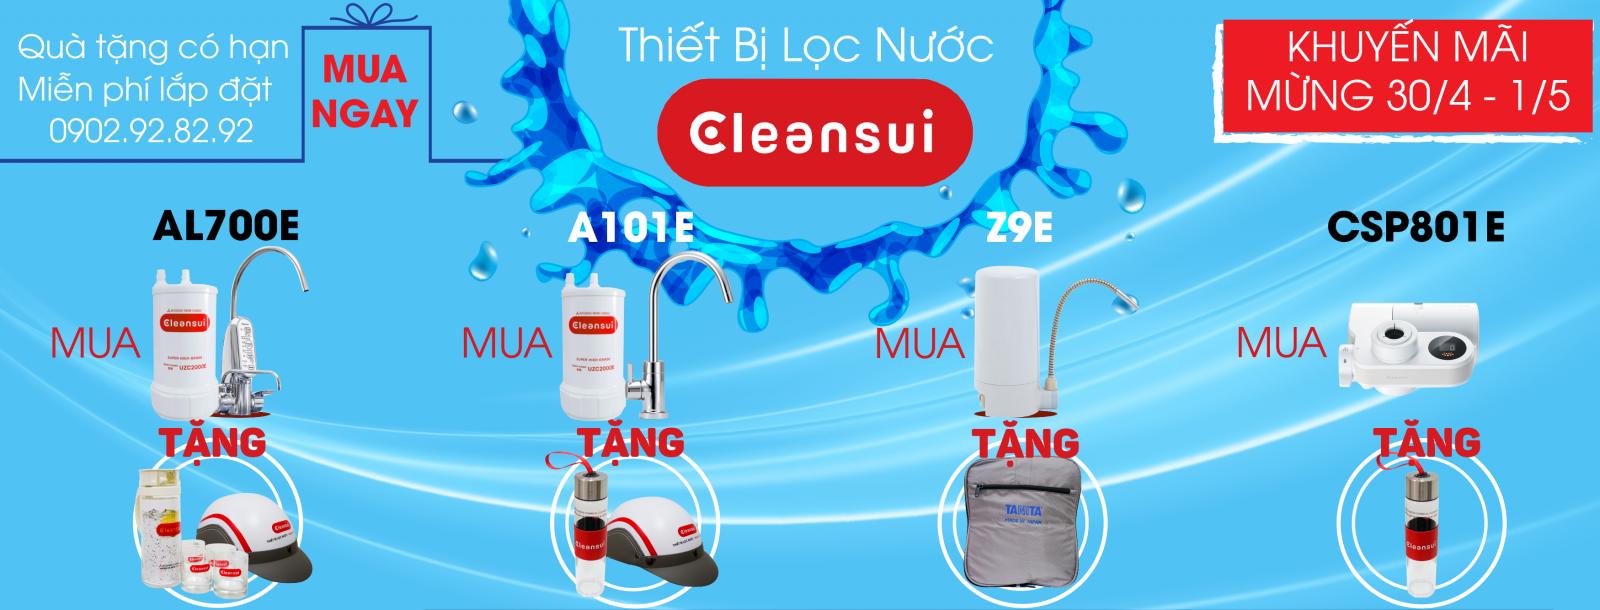 Chương trình khuyến mãi thiết bị lọc nước Mitsubishi Cleansui 2019